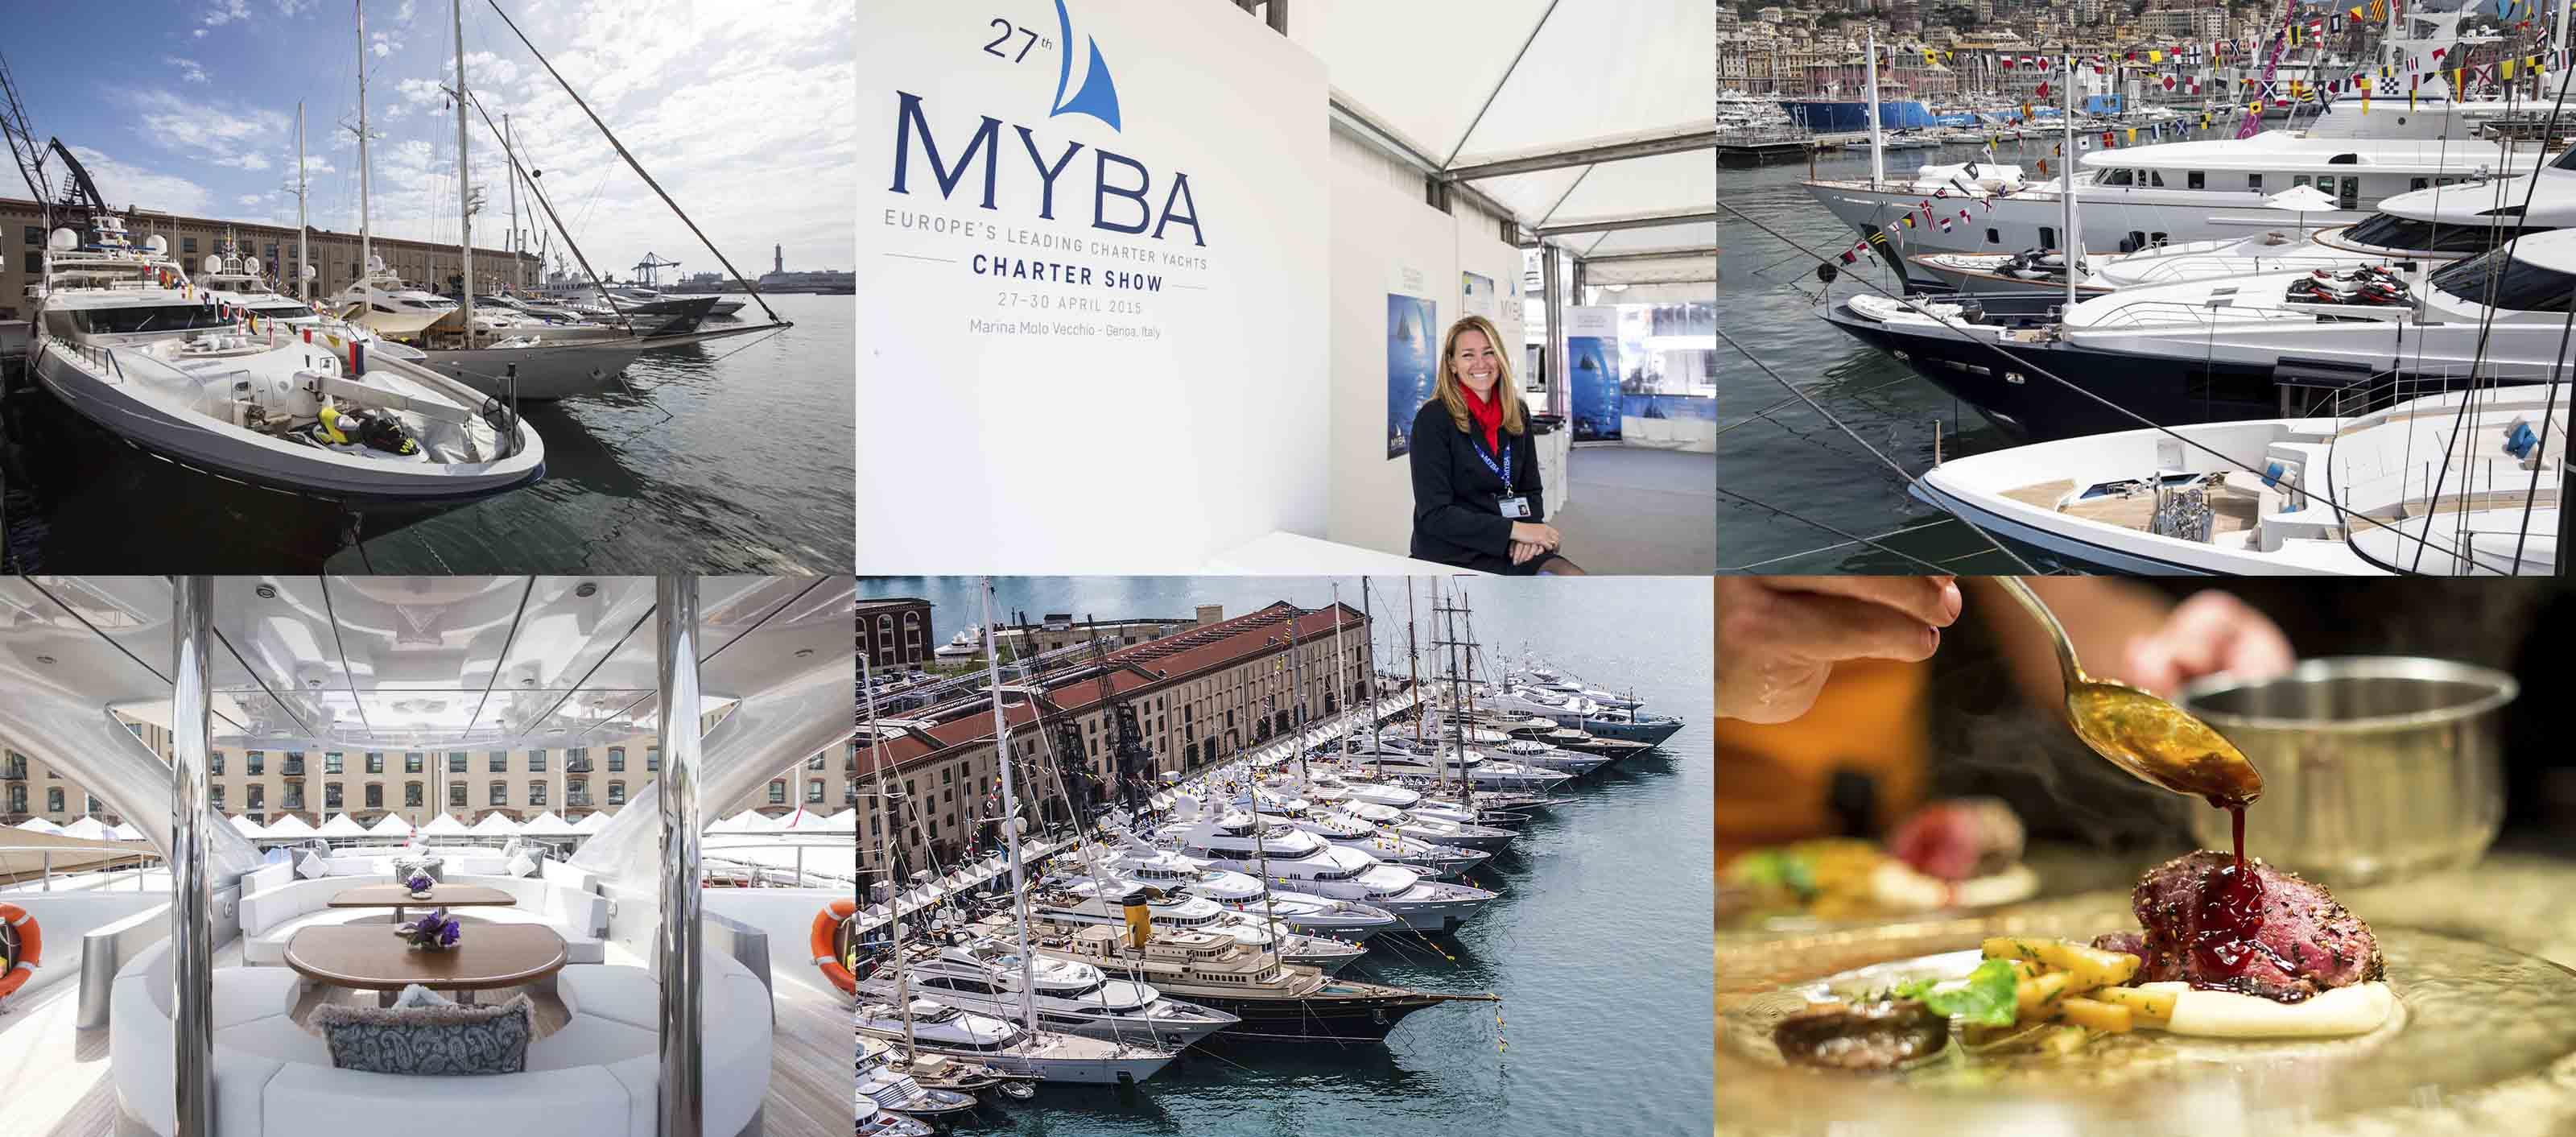 Myba event